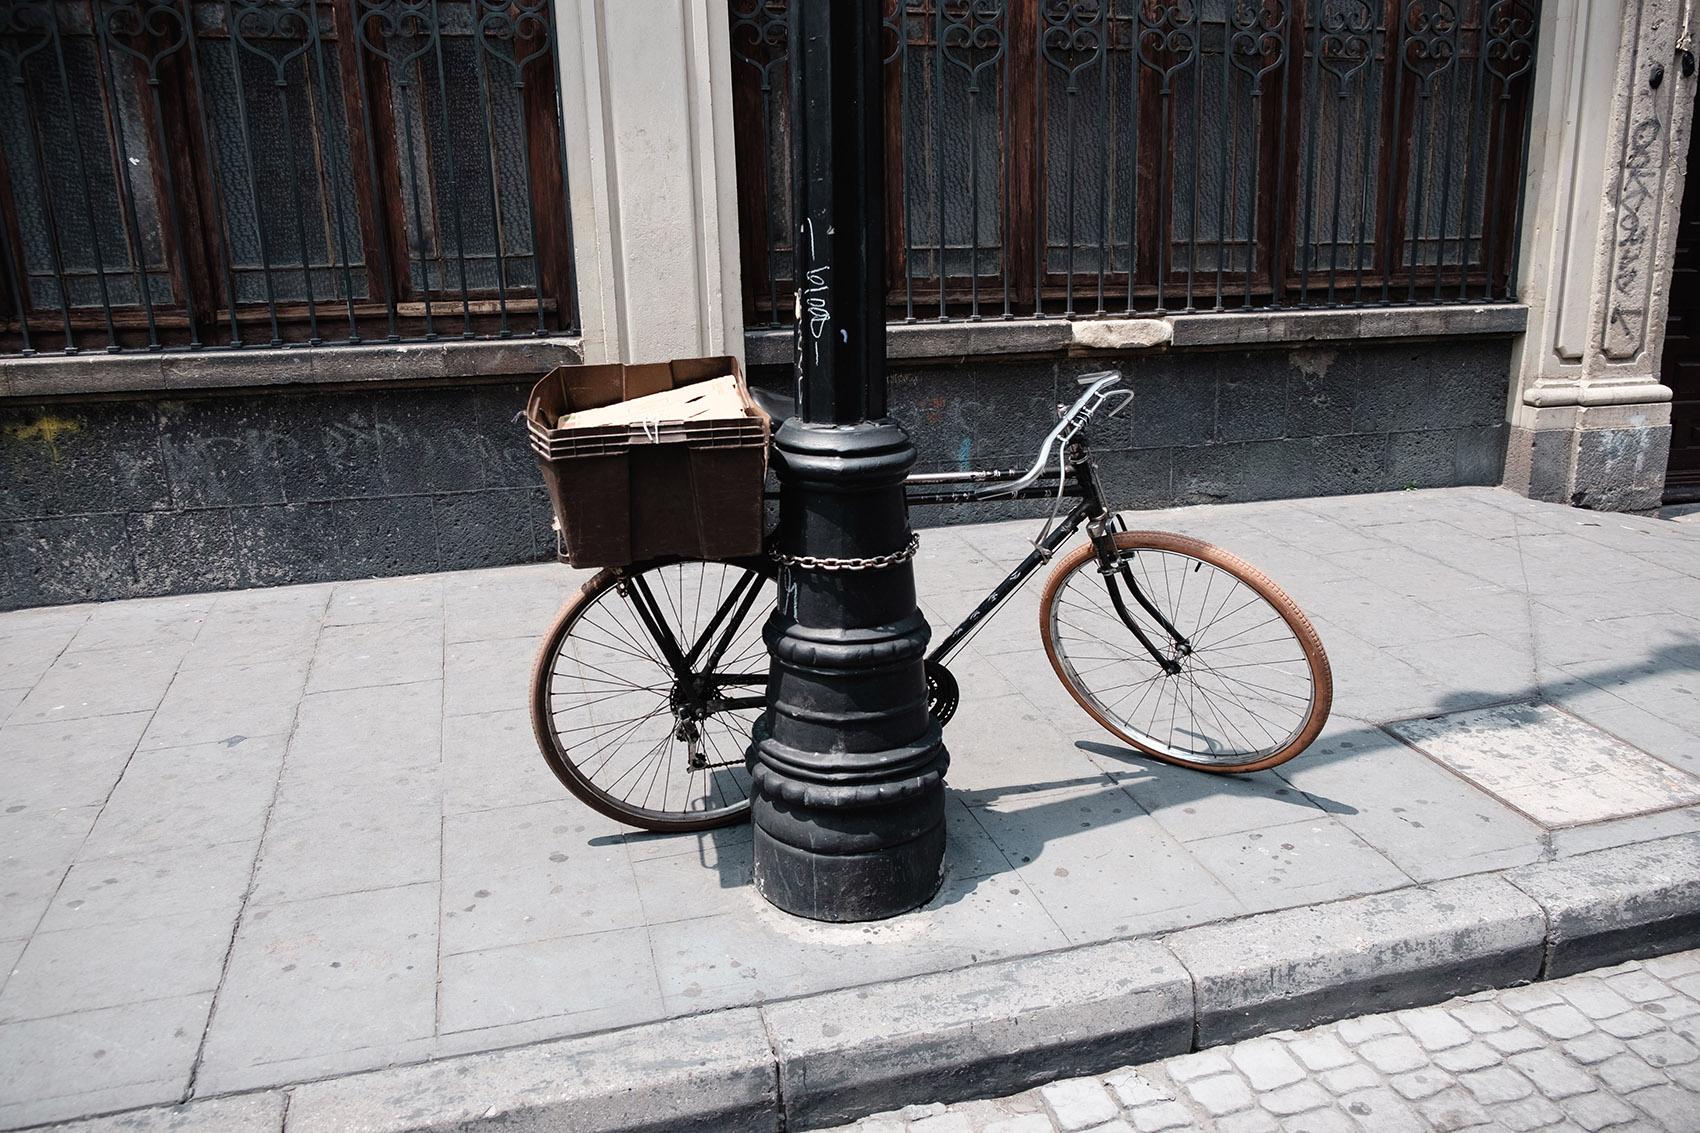 Bicicleta estacionada en el Zócalo México Foto por Ockesaid